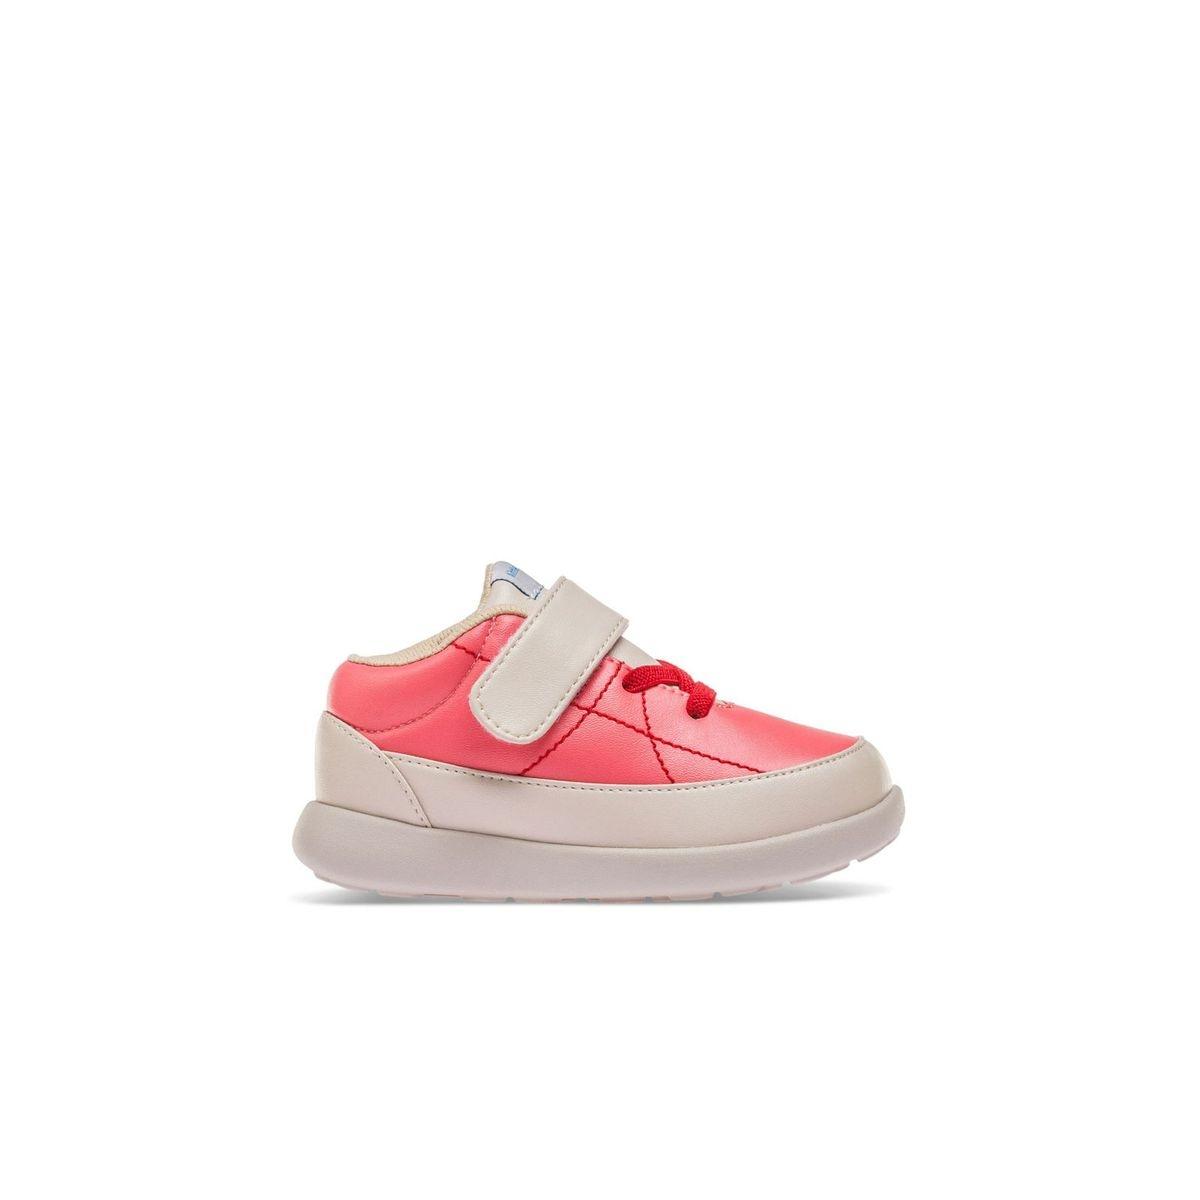 Chaussures semelle souple Baskets